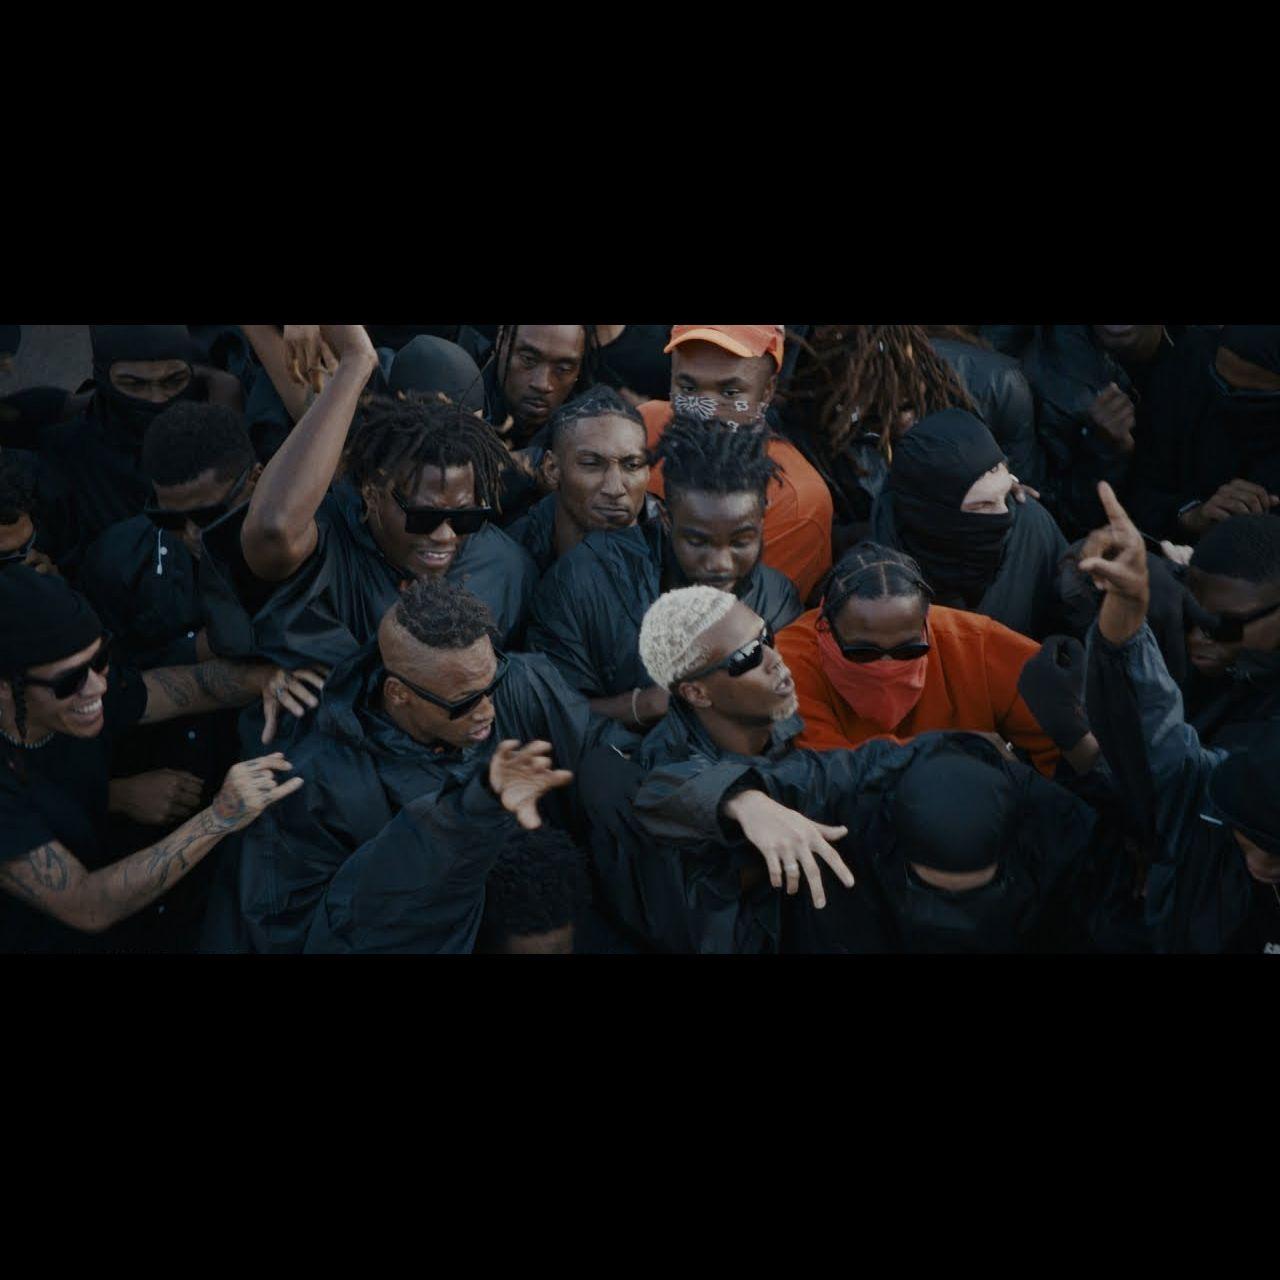 Baby Keem - Family Ties (ft. Kendrick Lamar) (Thumbnail)